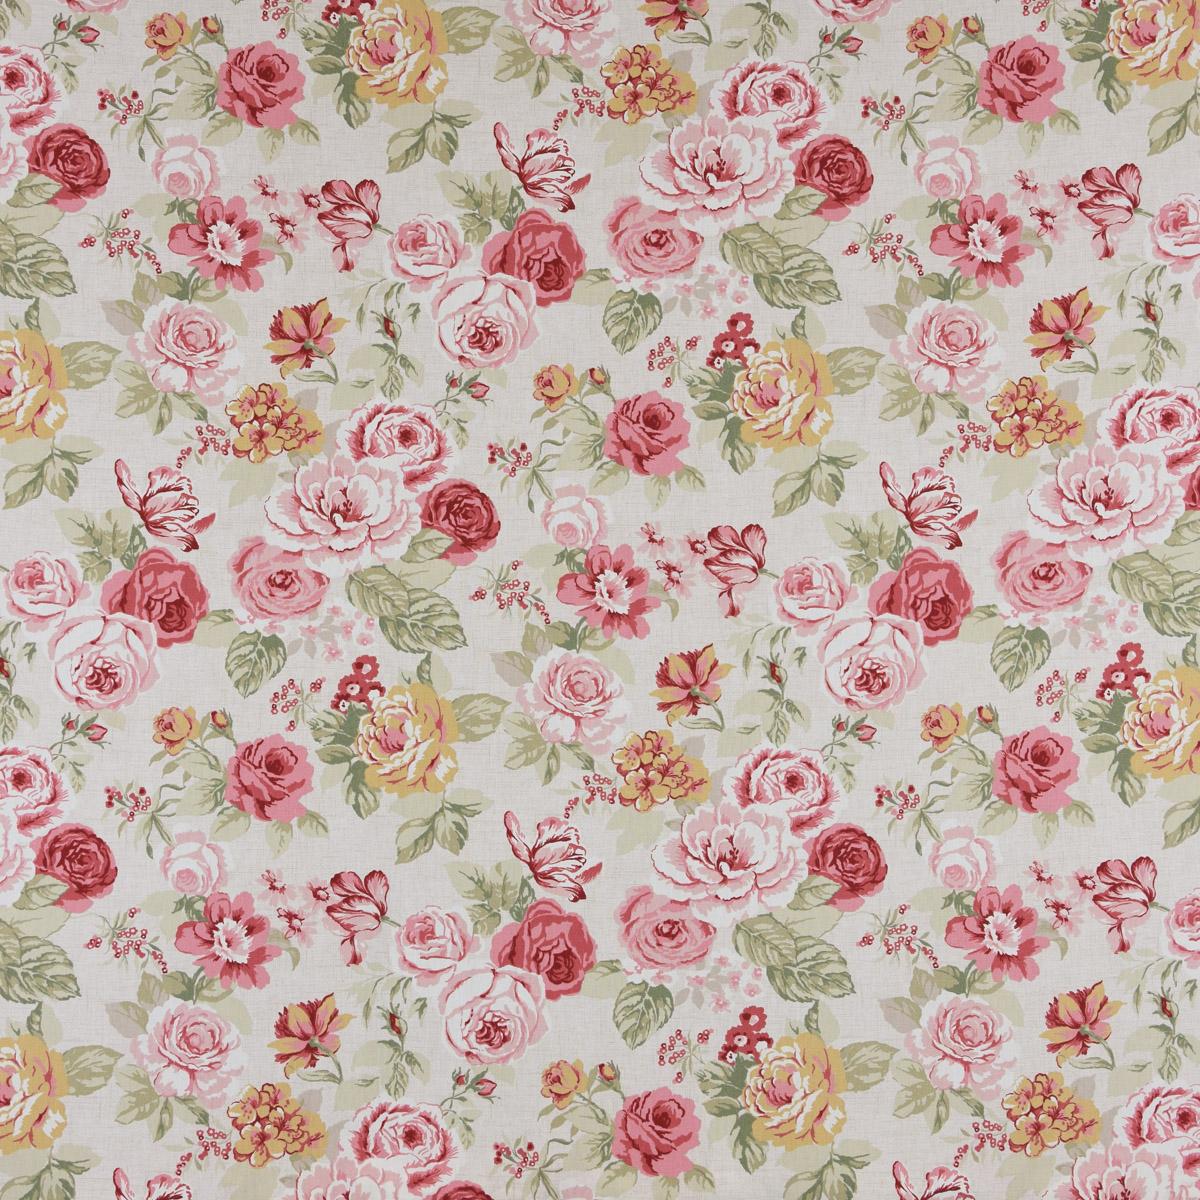 Clarke & Clarke STUDIO G Englischer Dekostoff Baumwollstoff Polsterstoff Blumen Rosen beige grün rot 137cm Breite